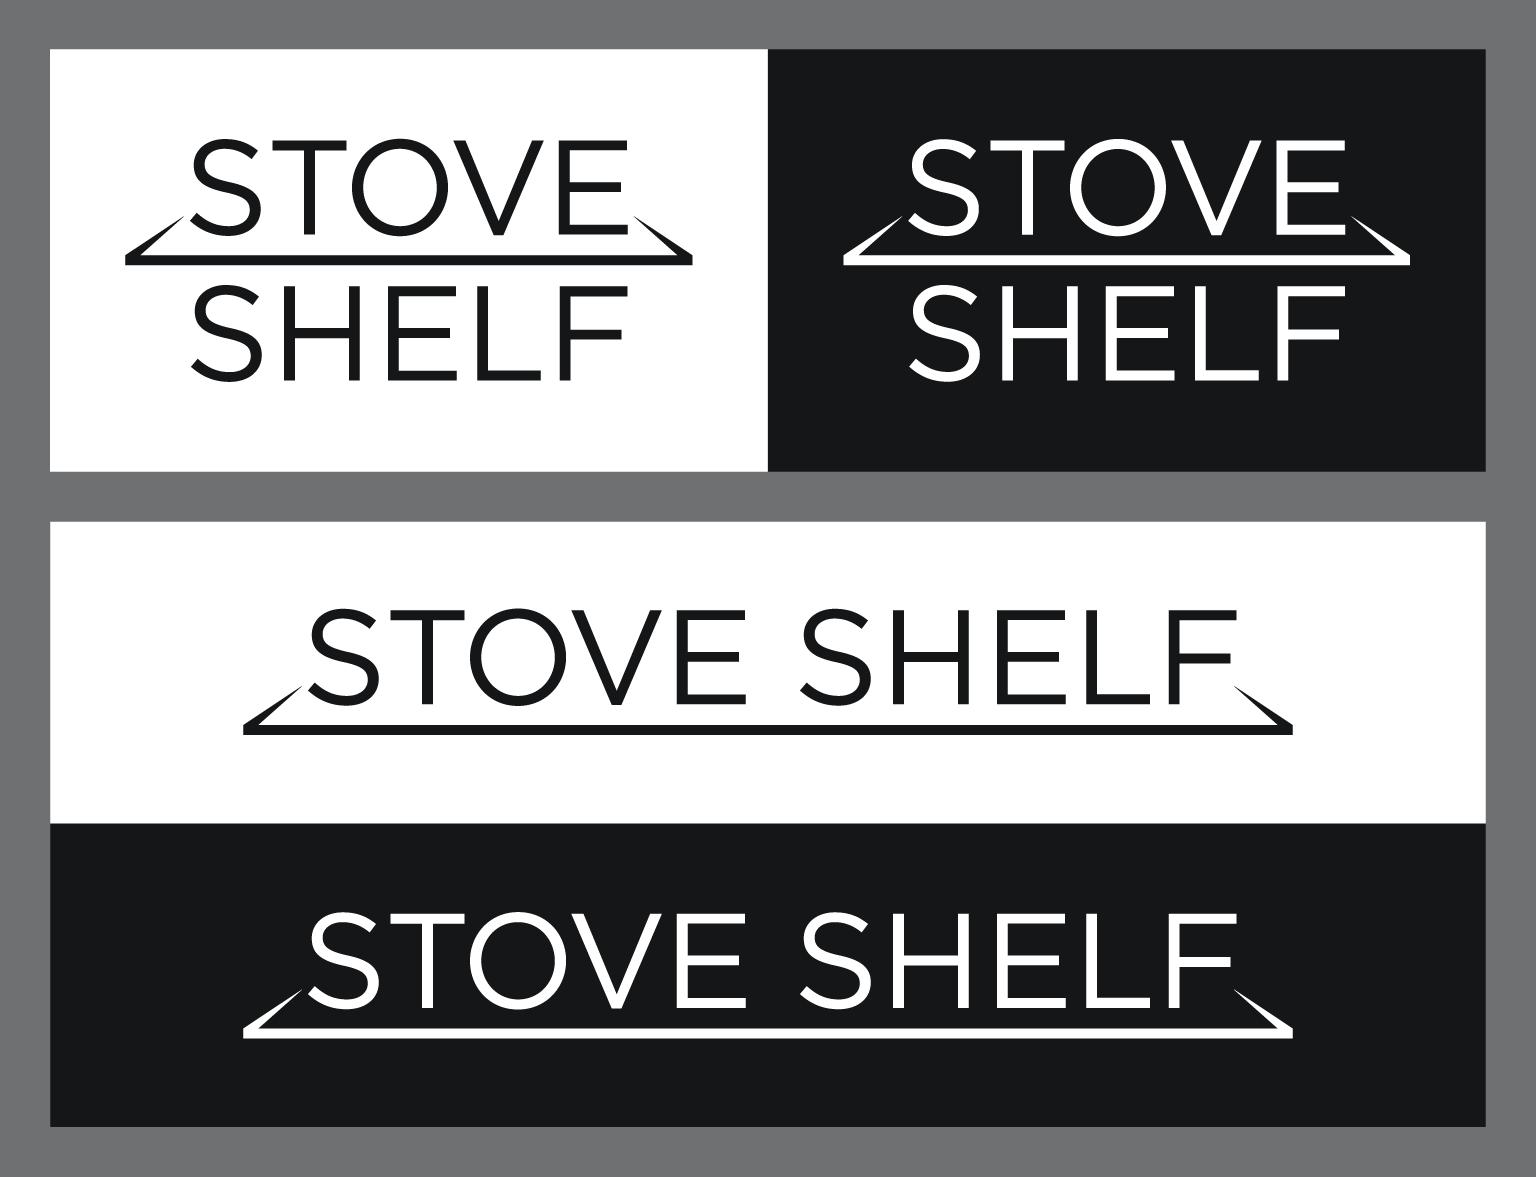 Stove Shelf